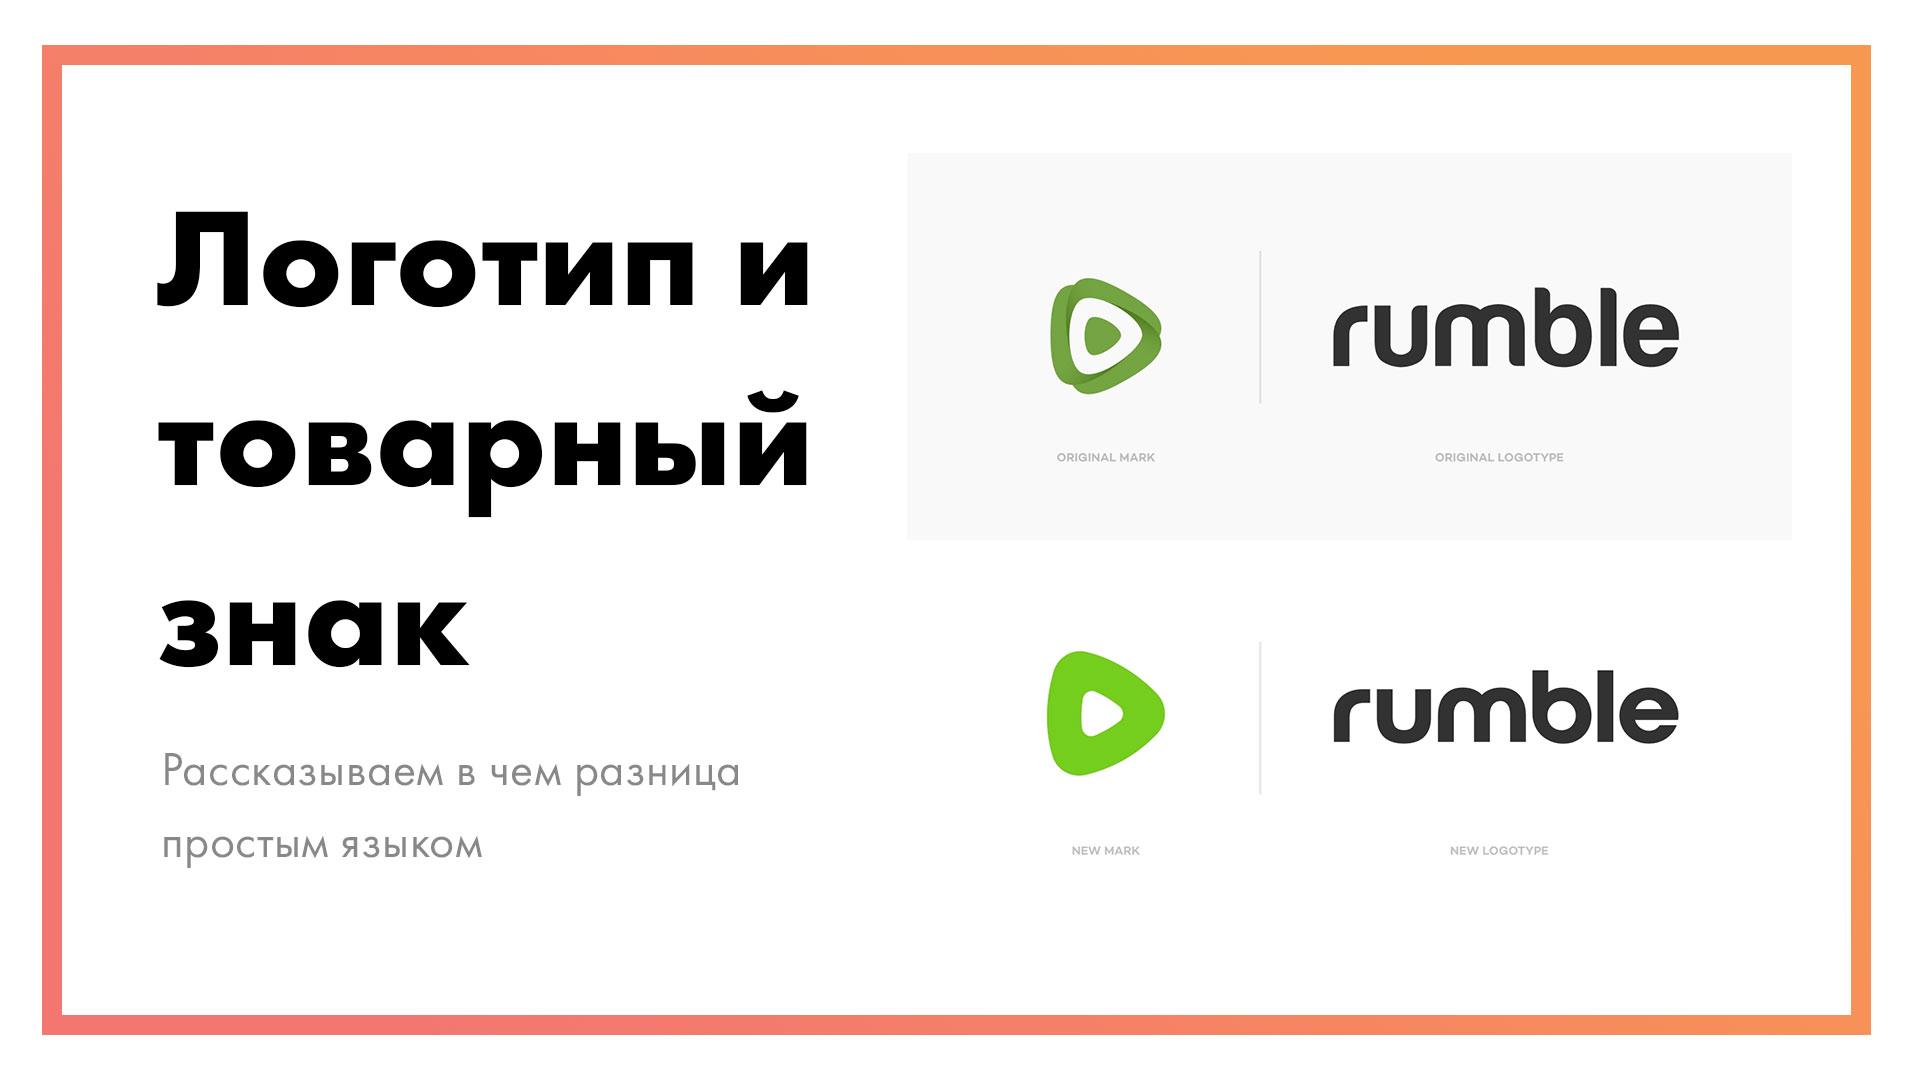 Логотип-и-товарный-знак-–-в-чем-разница-простым-языком.jpg